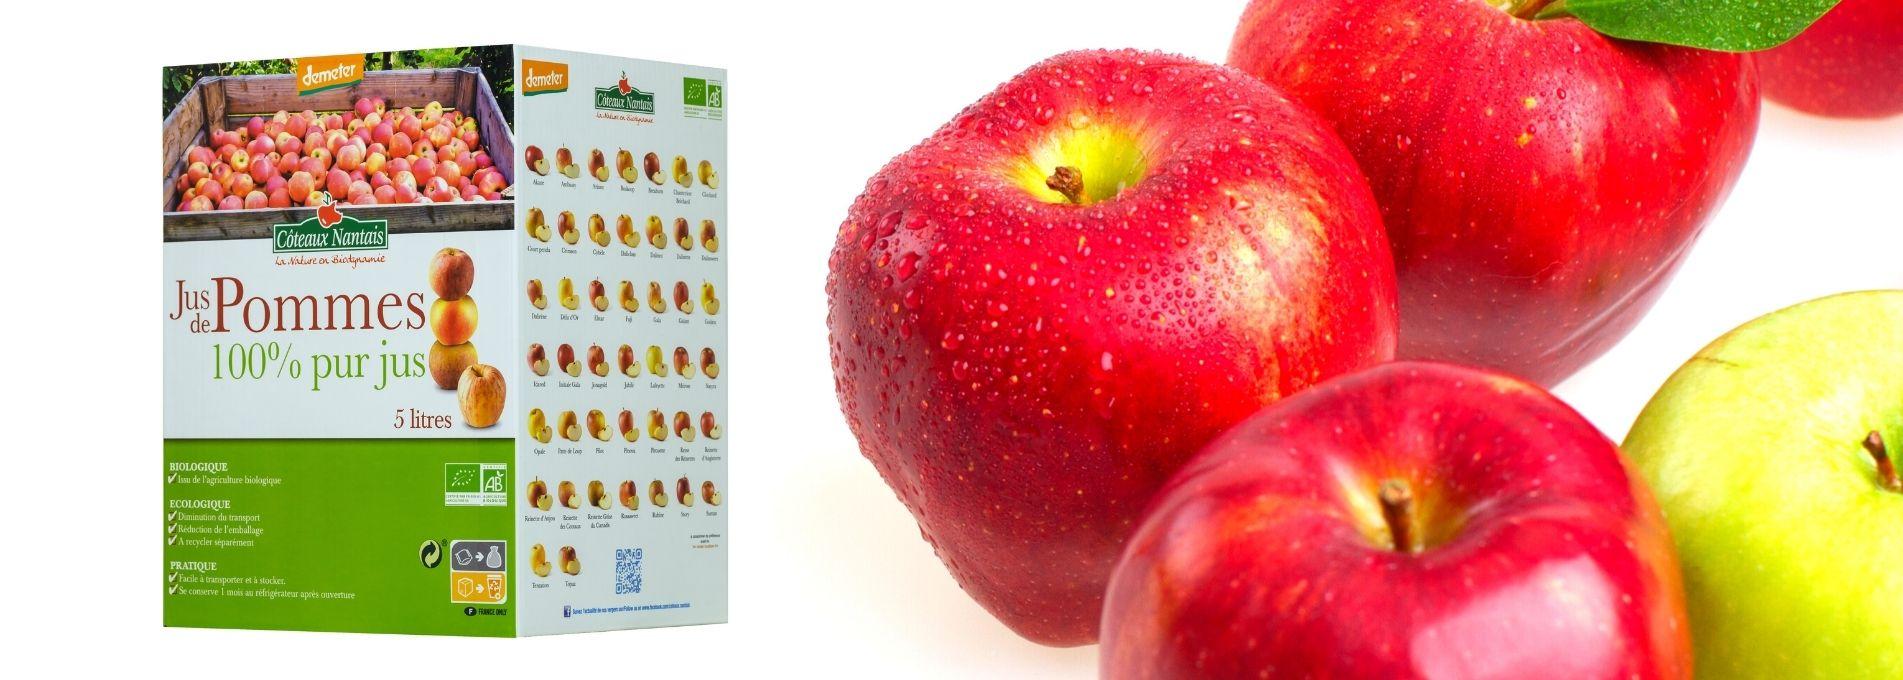 Le jus de pommes bio en maxi format